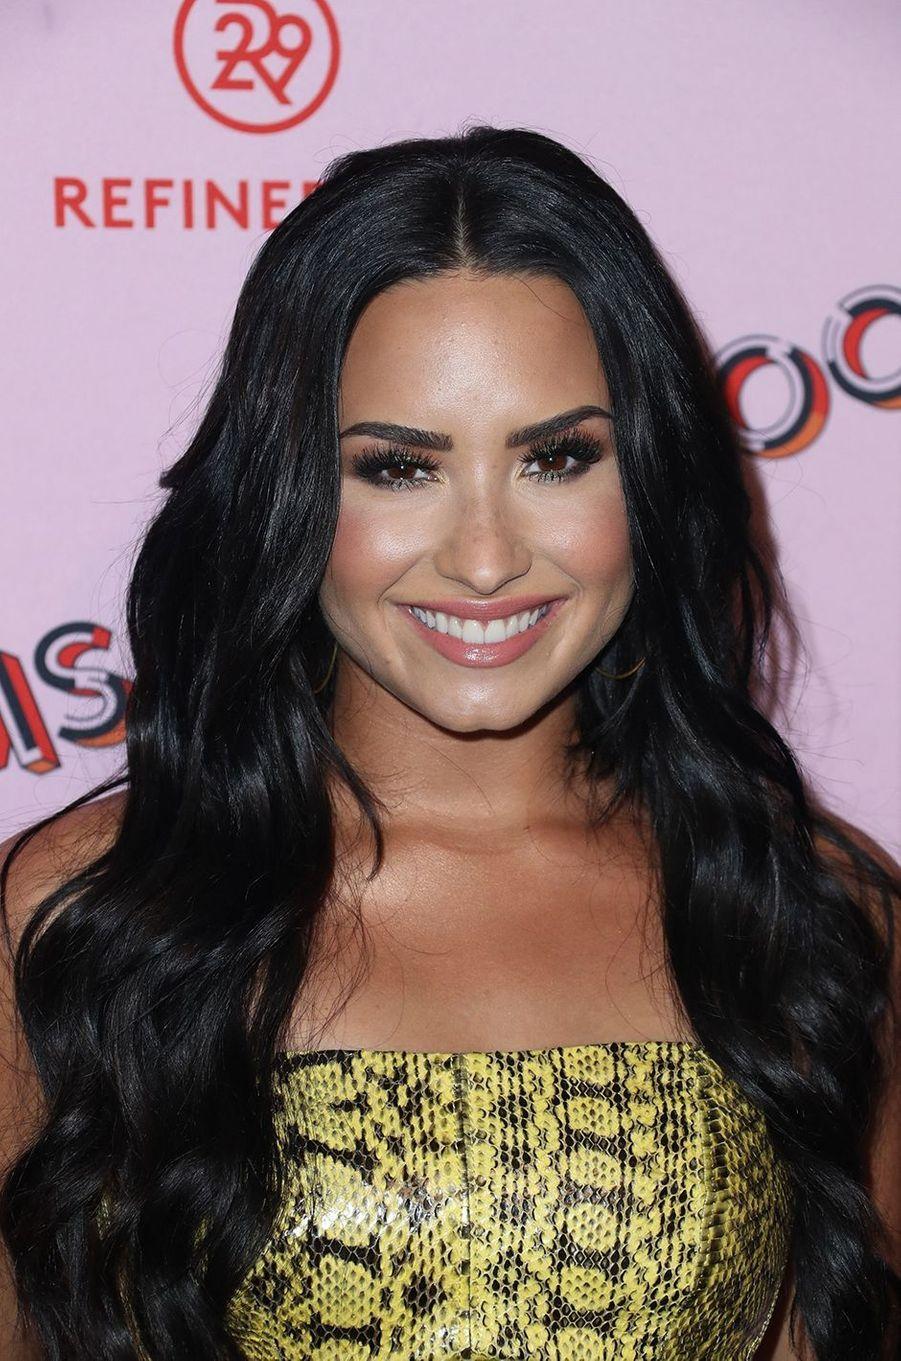 19 - Demi Lovato.Nombre d'abonnés (en date d'octobre 2020) : 93.2 millions. Ce qu'elle gagne pour une publication sponsorisée : 455.000 dollars.